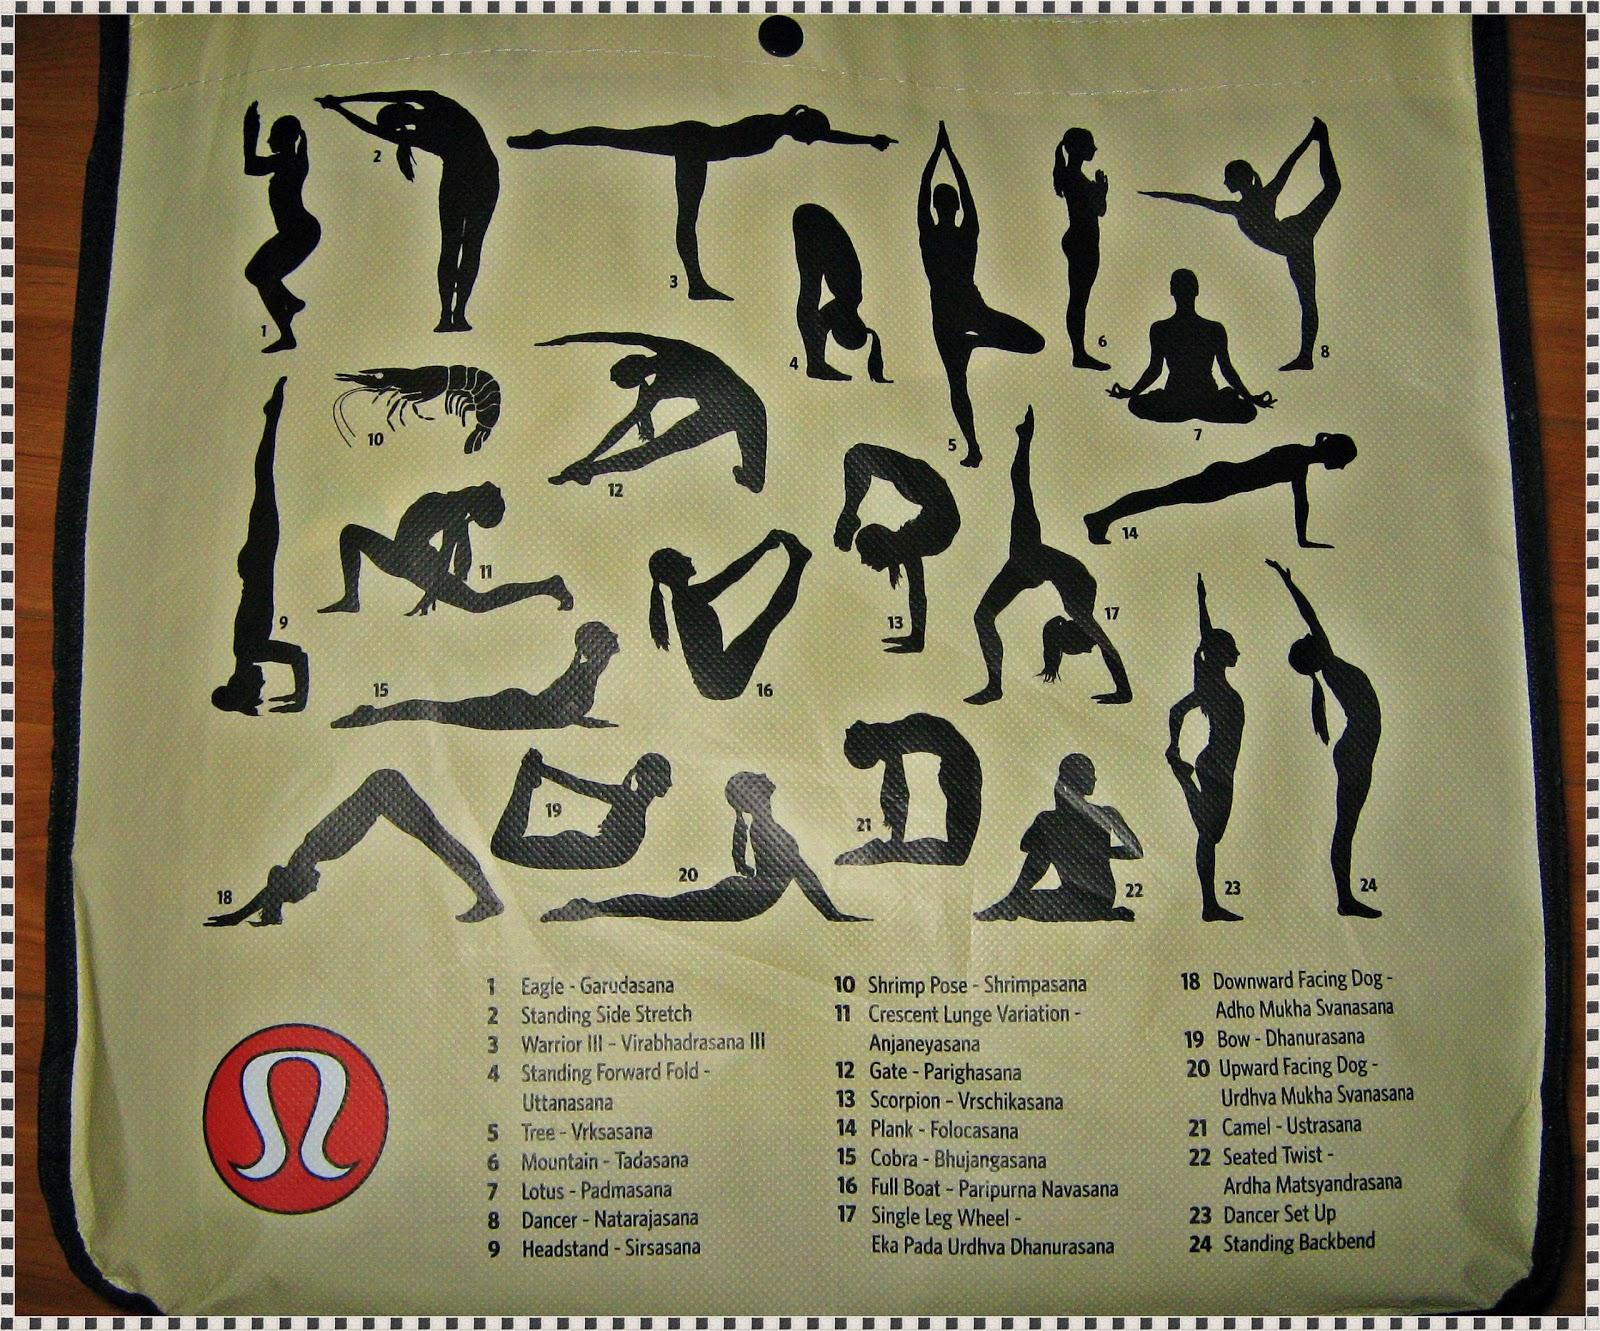 http://2.bp.blogspot.com/-sHEgHoFdFFQ/T4tL84oQGII/AAAAAAAABec/NUSVHIJWAuk/s1600/yoga+poses+4.JPG